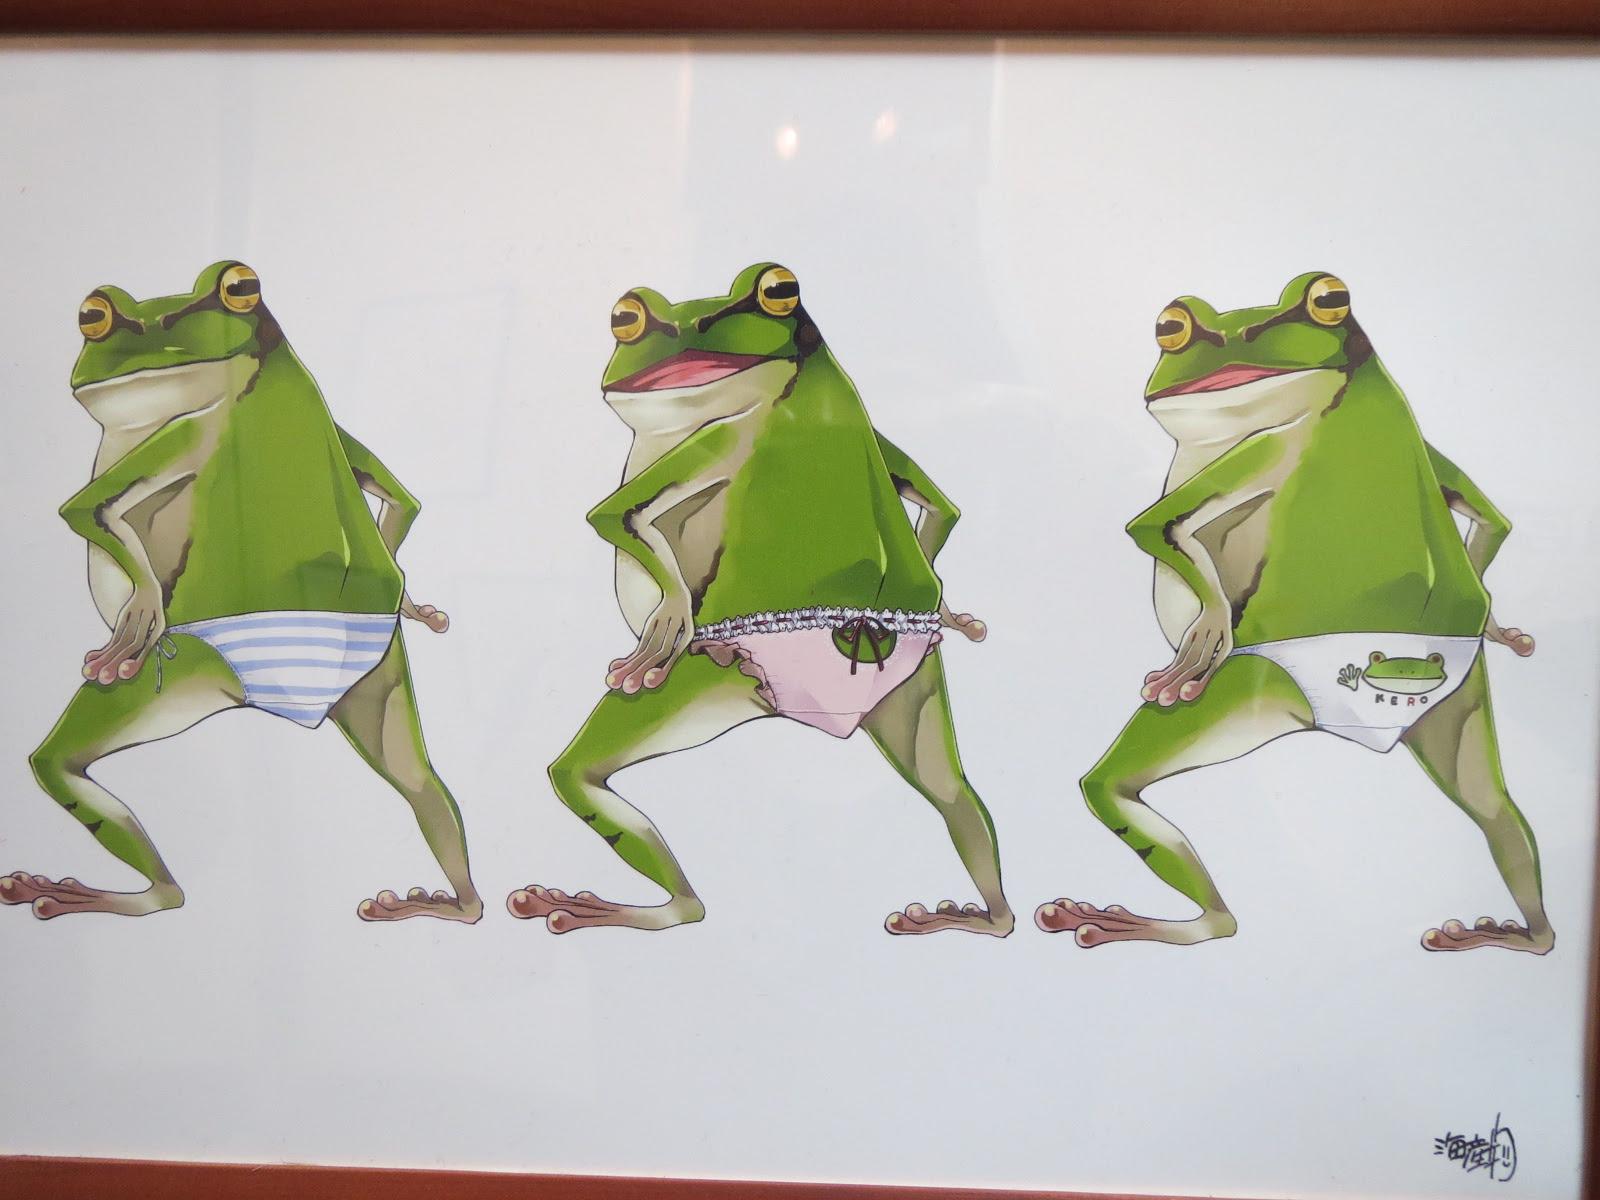 溺れるカエル ぷちとまと的かえるアート展